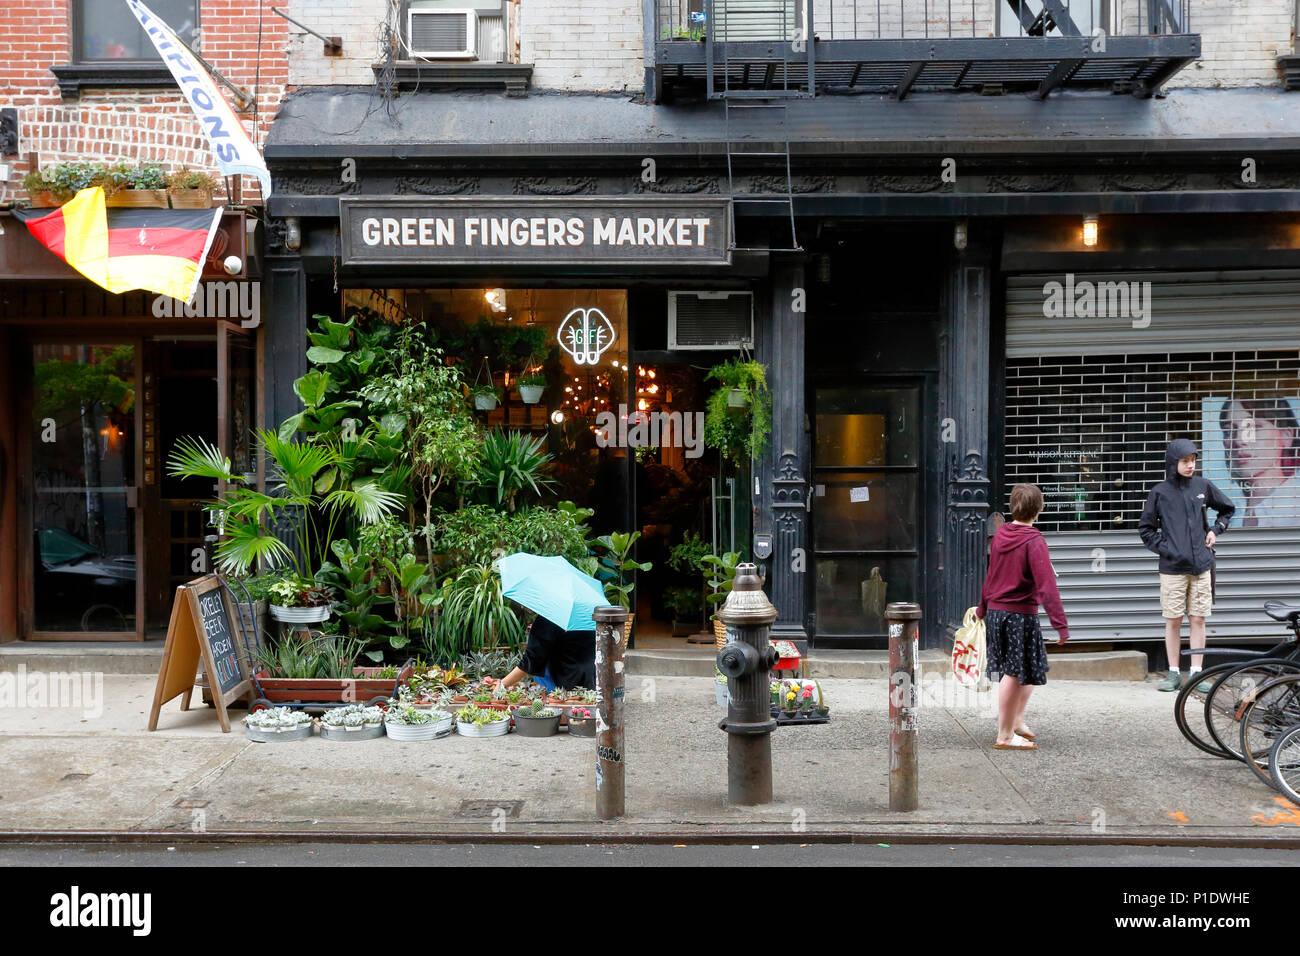 Green Fingers Market, 5 Rivington St, New York, NY - Stock Image